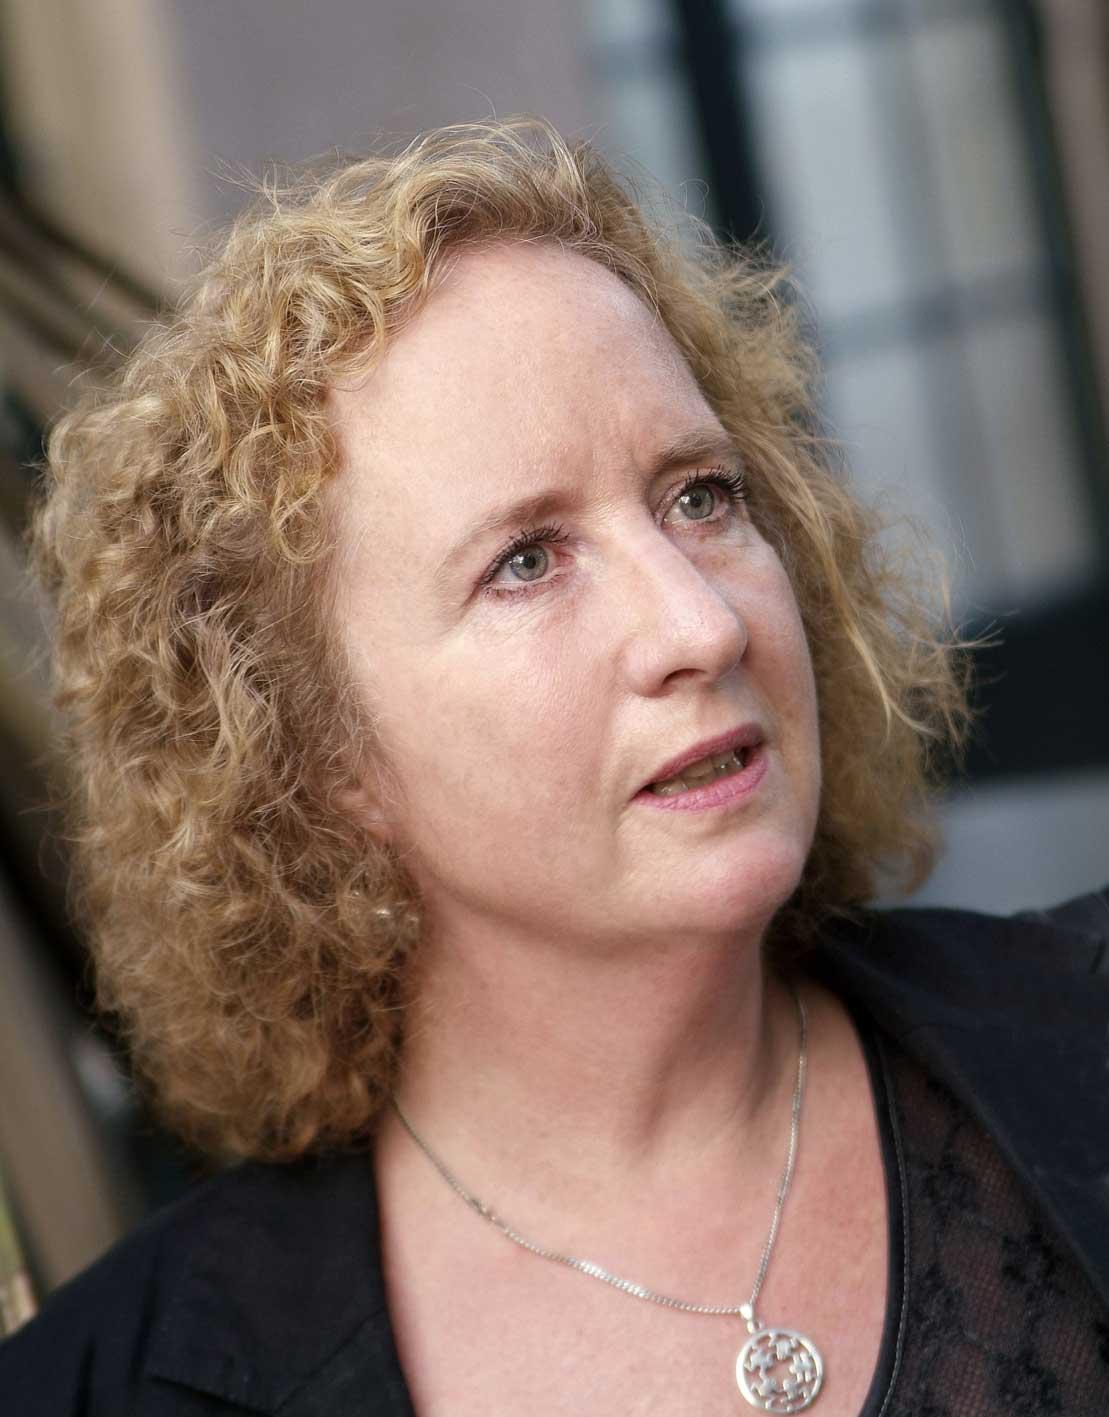 Hilda Wieberneit-Tolman over haar loopbaan: 'Veel geleerd en veel kansen gekregen'